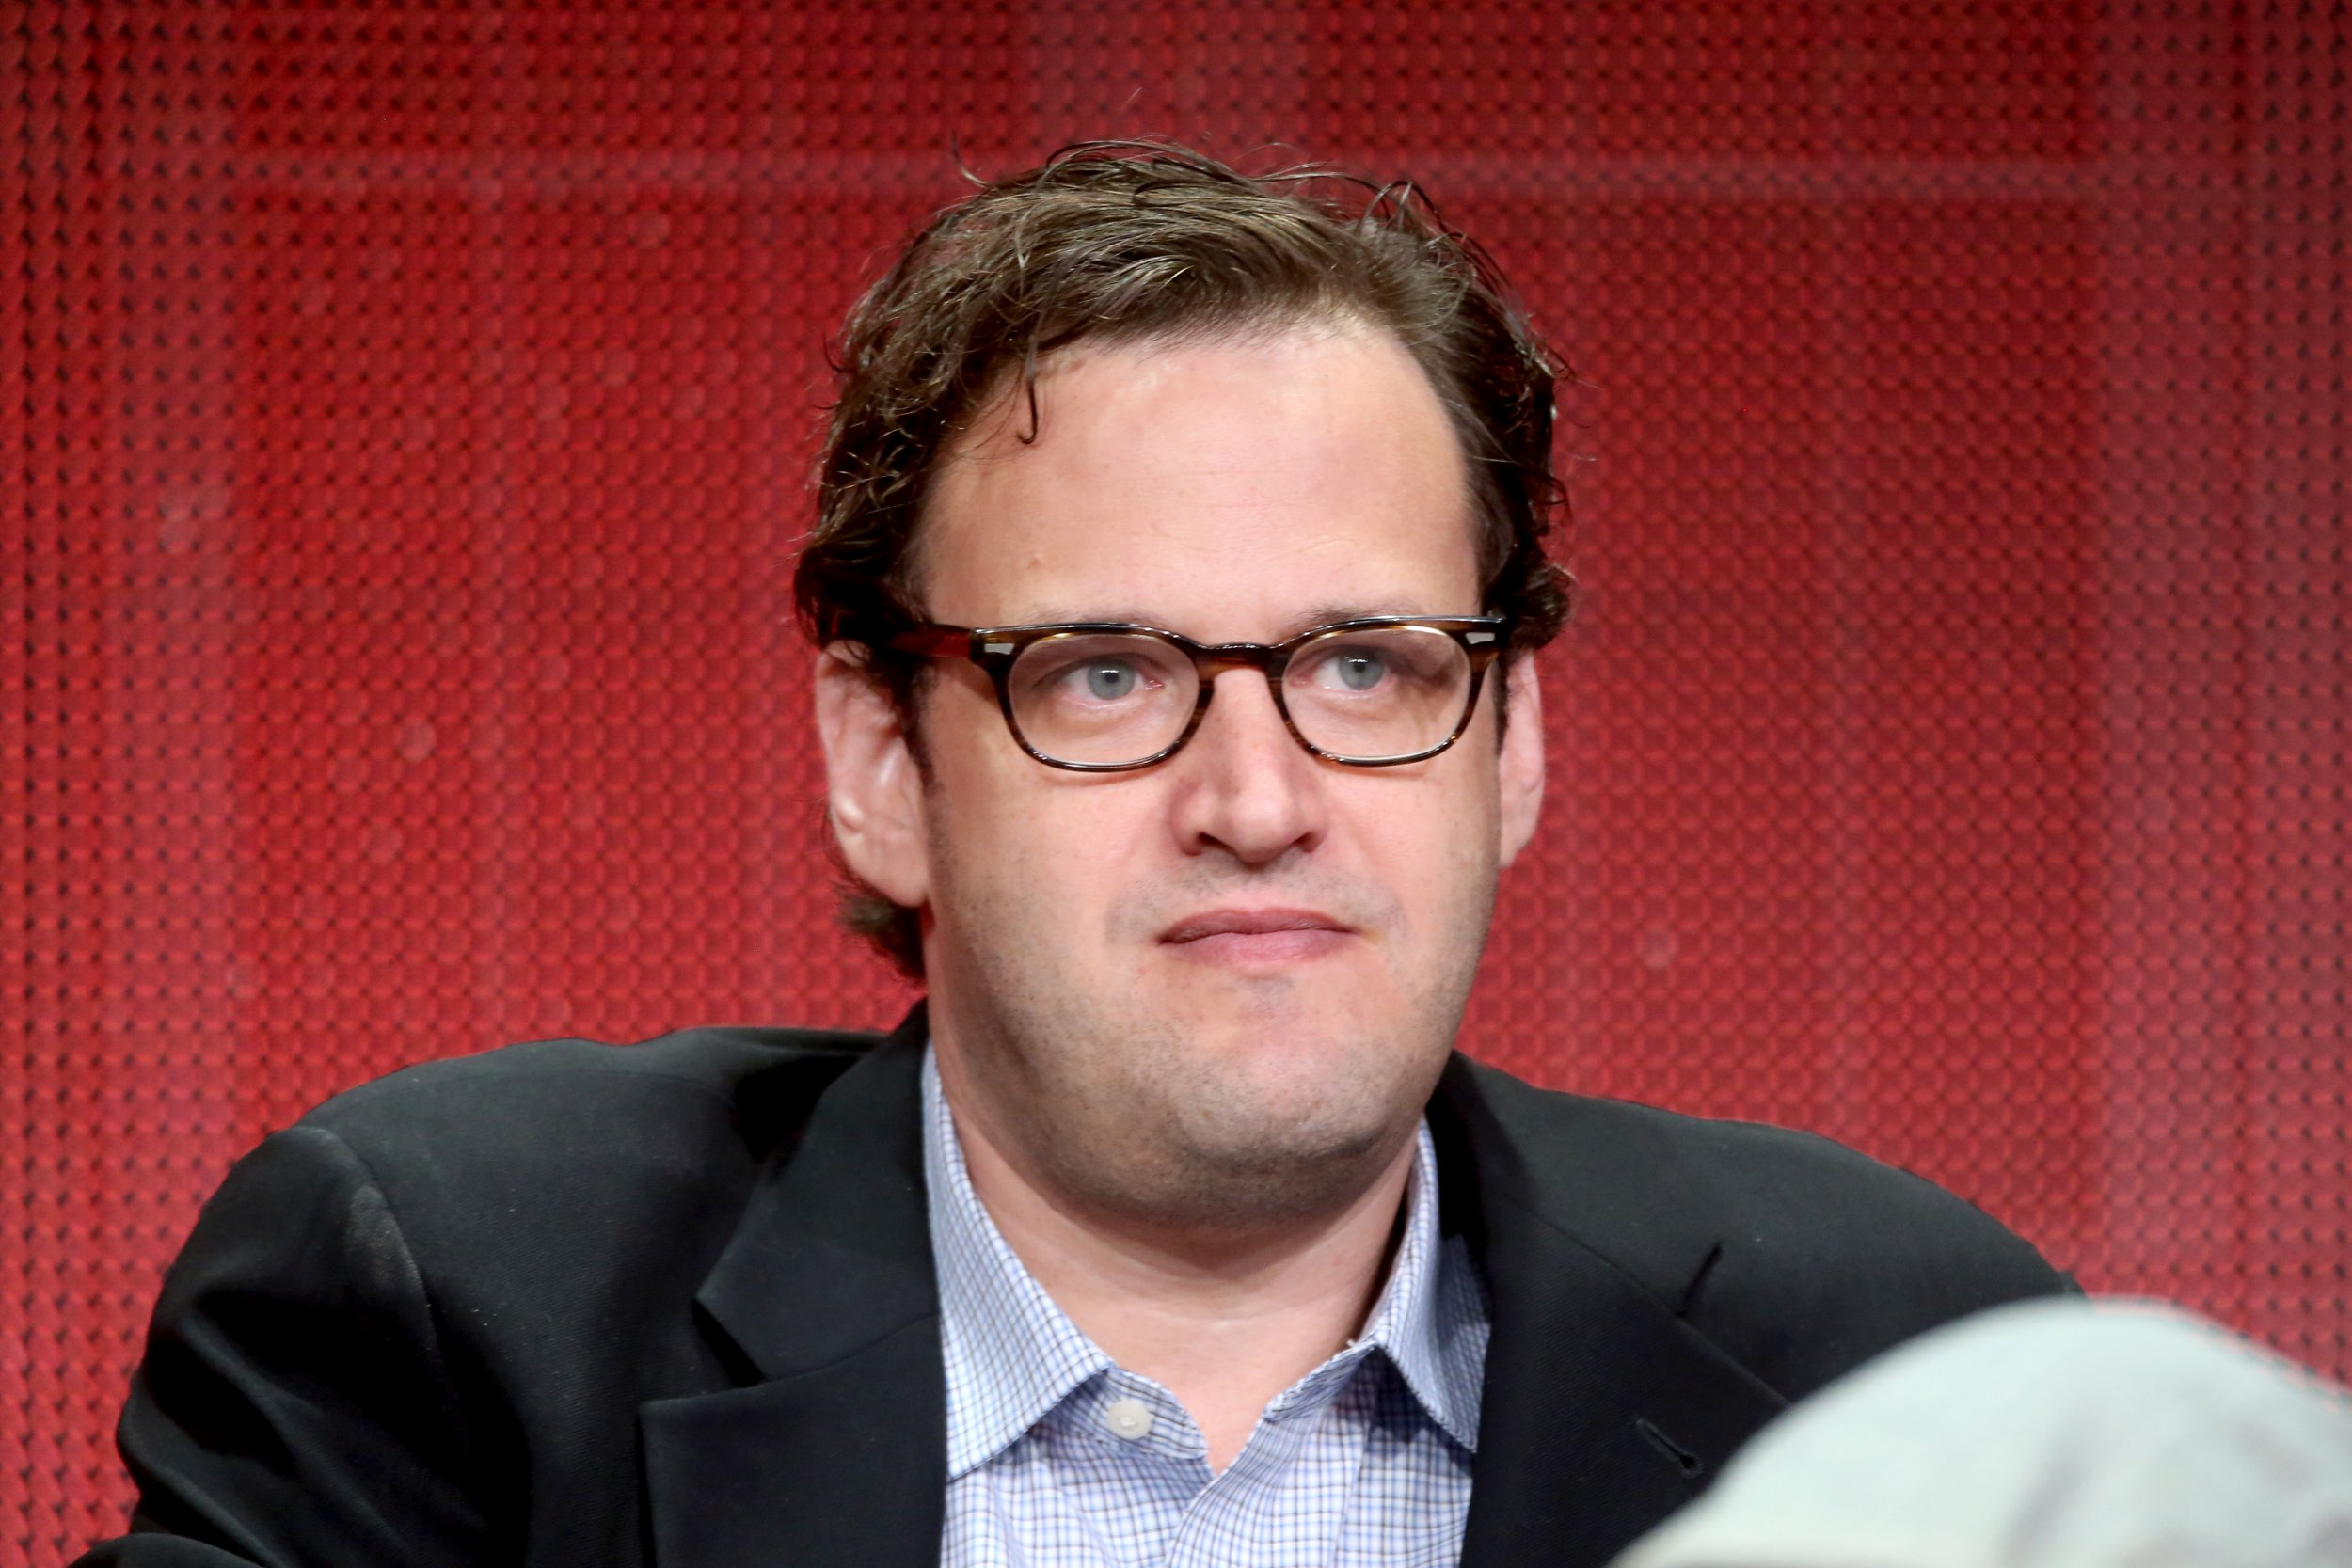 Andrew Kreisberg, showrunner of The Flash, suspended